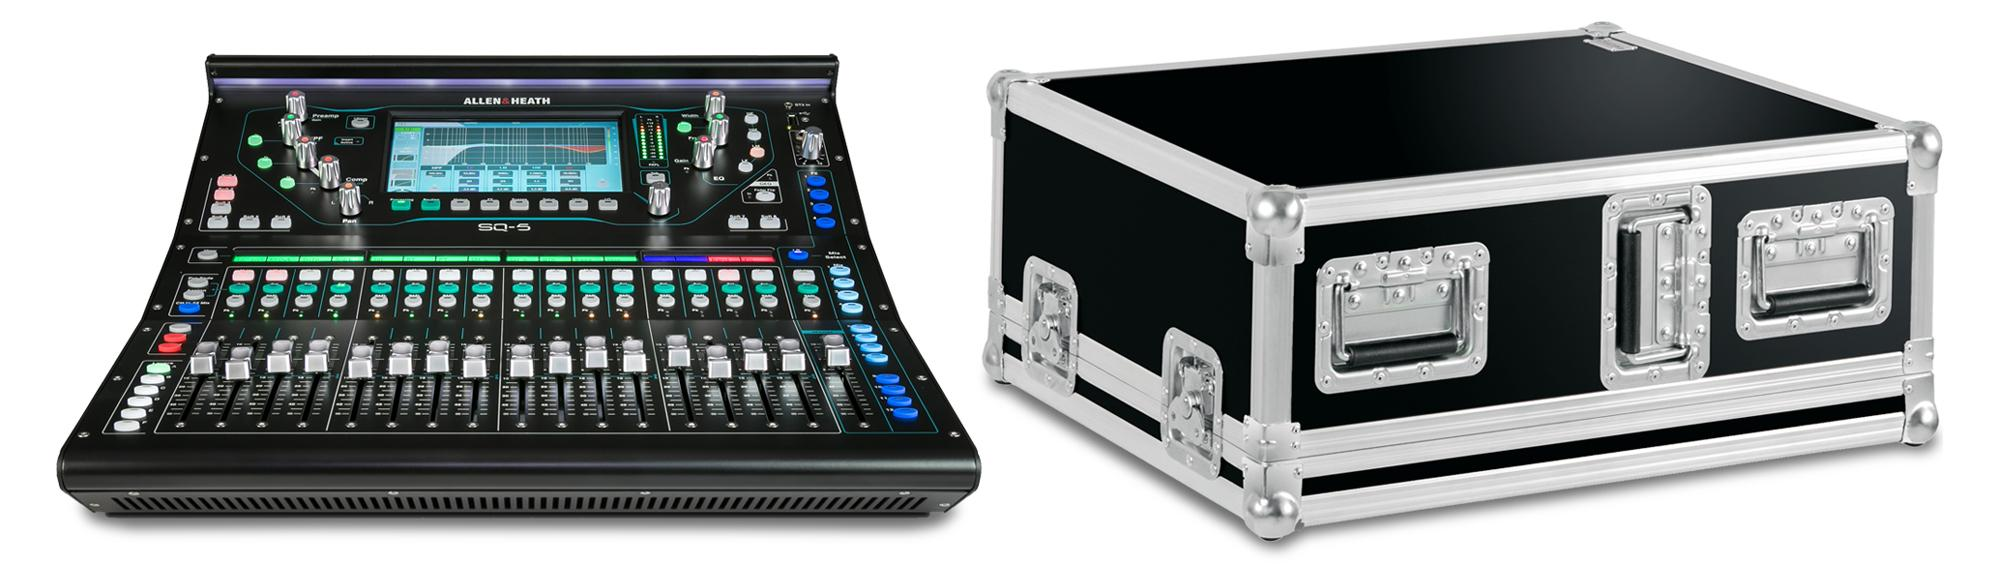 Mischpulte - Allen Heath SQ 5 Digital Mischpult Set mit Case - Onlineshop Musikhaus Kirstein